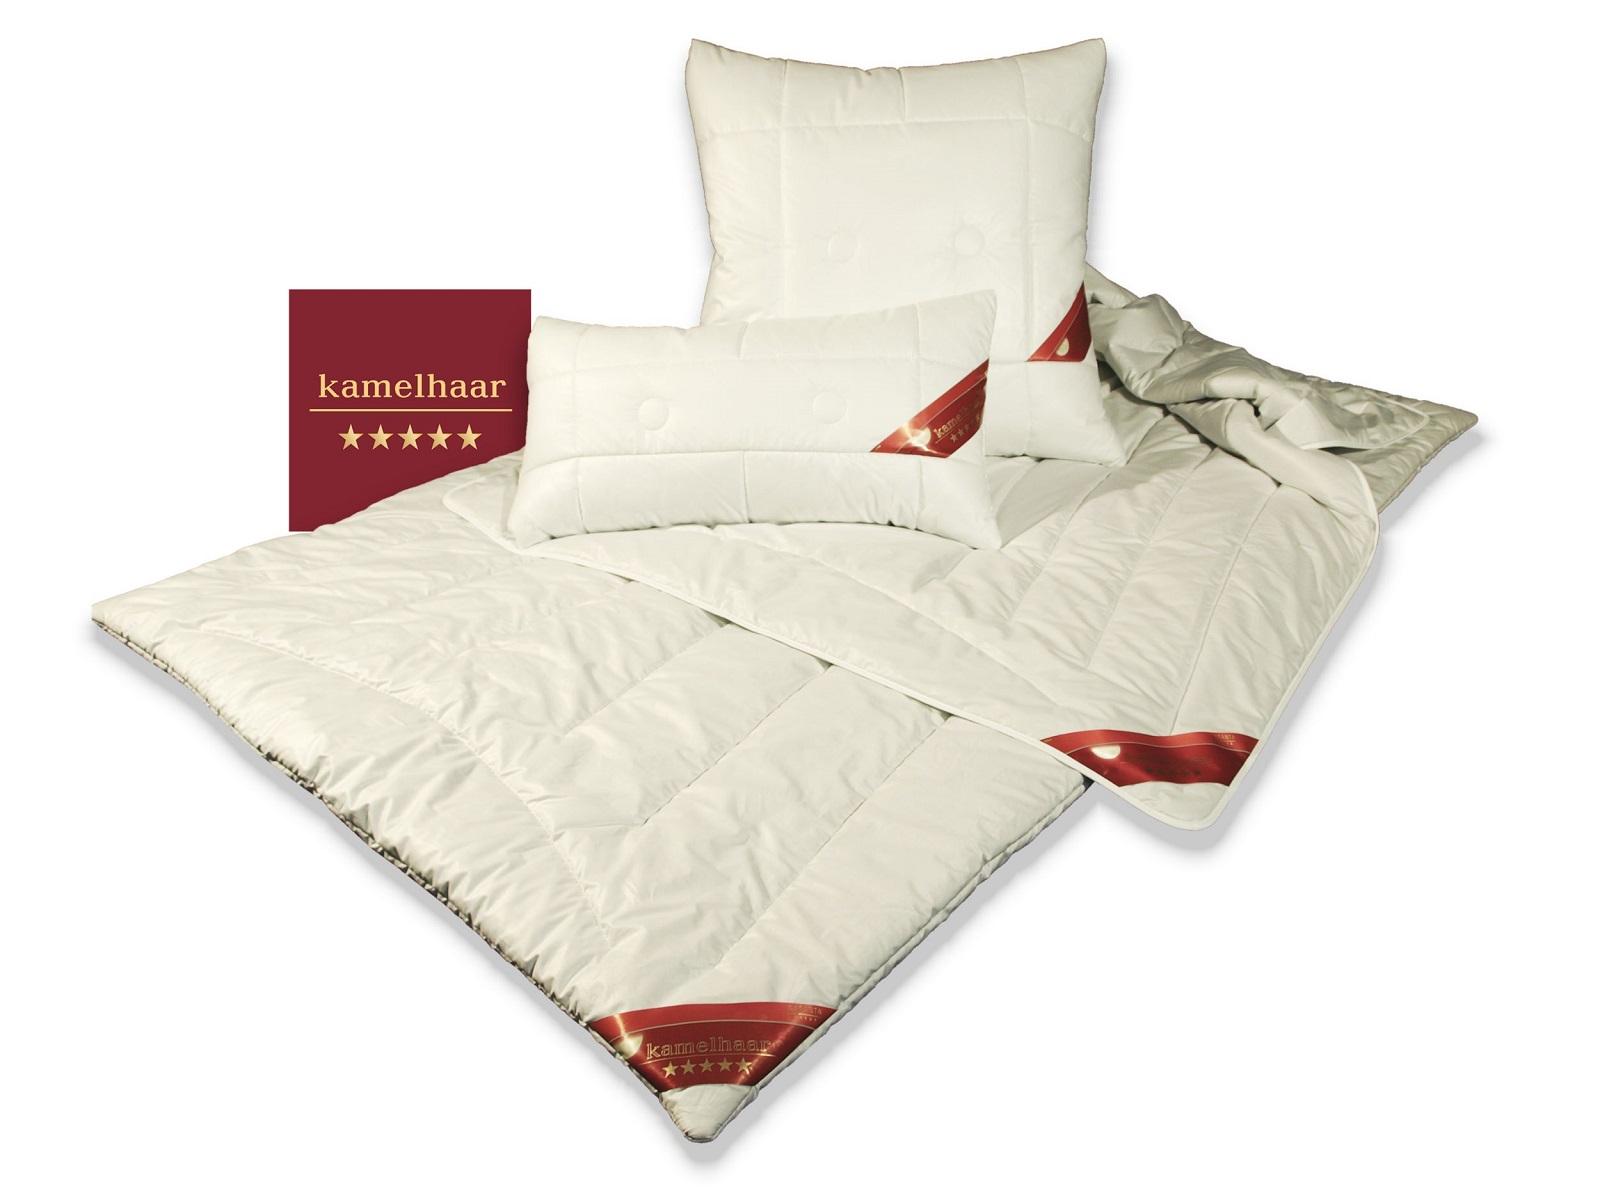 Garanta Kamelhaar extra-Leichtbett Sommedecke 100% Natur 155x220 cm